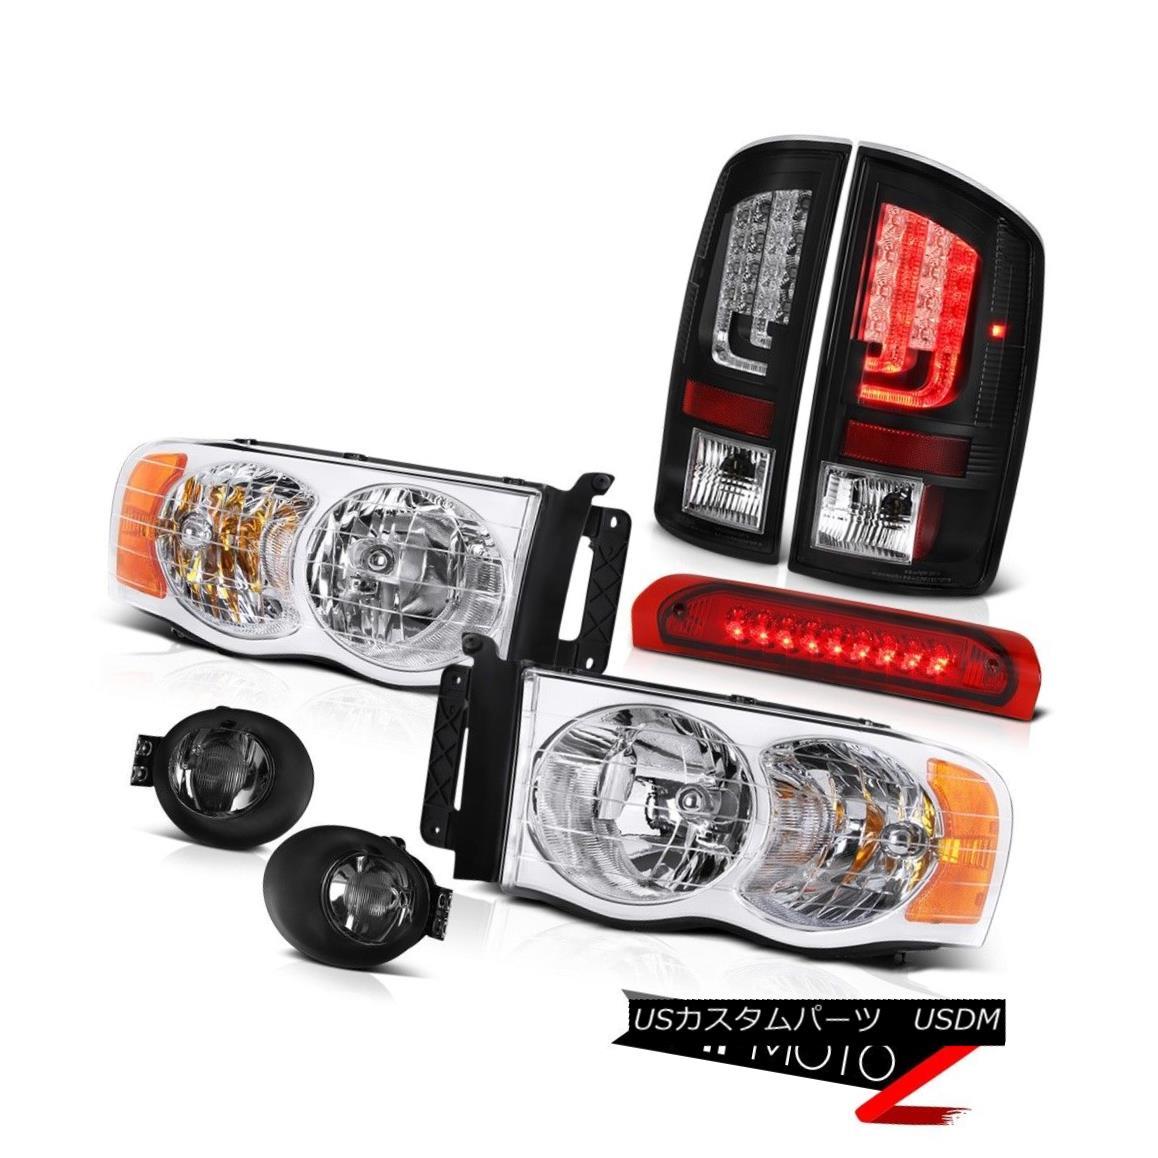 テールライト 02-05 Dodge Ram 2500 1500 4.7L Tail Lamps Fog Headlights 3RD Brake Lamp Oe STyle 02-05 Dodge Ram 2500 1500 4.7Lテールランプフォグヘッドライト3RDブレーキランプOe STyle